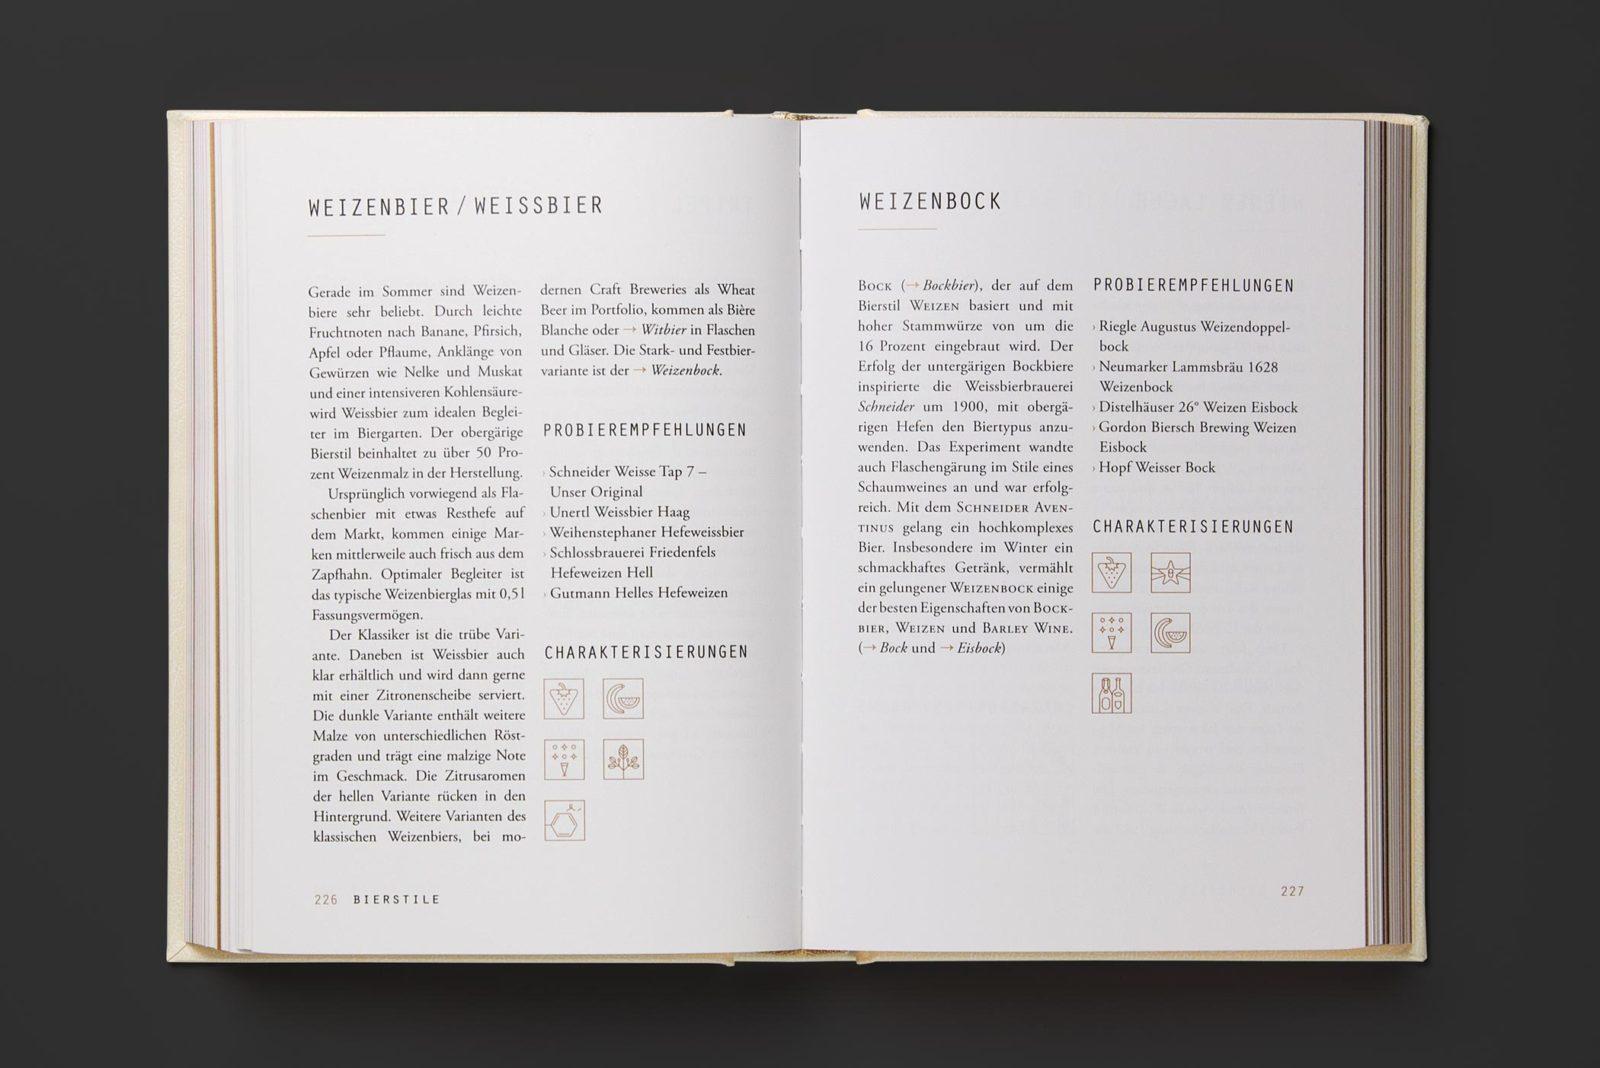 Editienne Grafikdesign - Kommunikationsdesign Berlin- Buchgestaltung Cocktailian 3- Bier&Craft 41